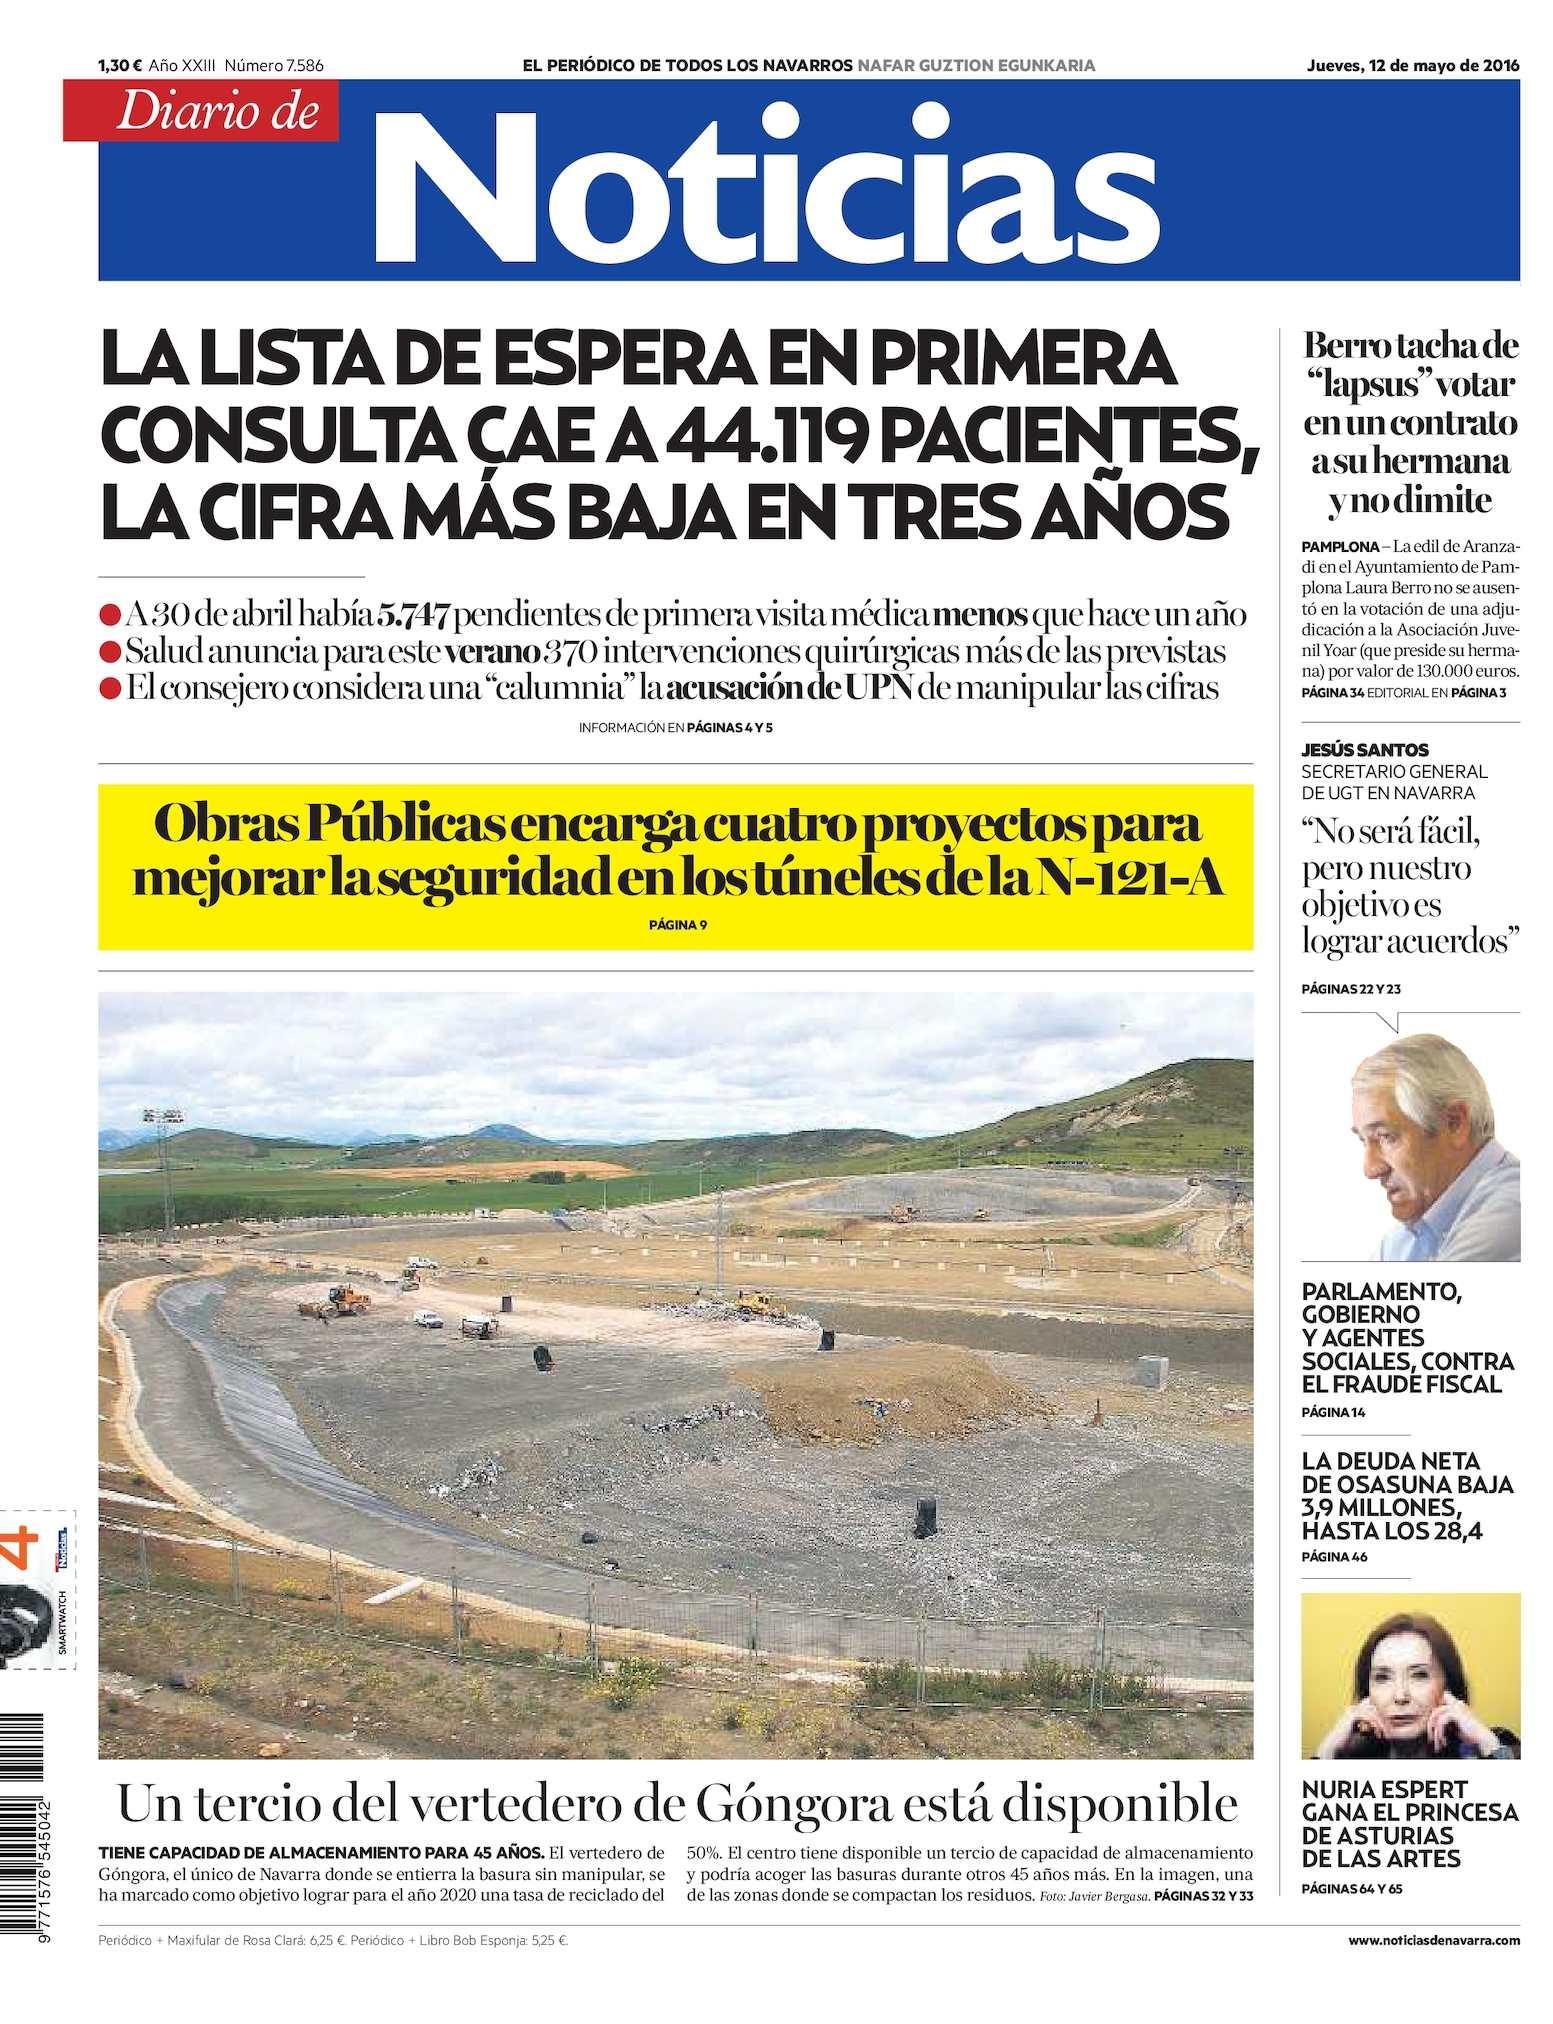 Calaméo - Diario de Noticias 20160512